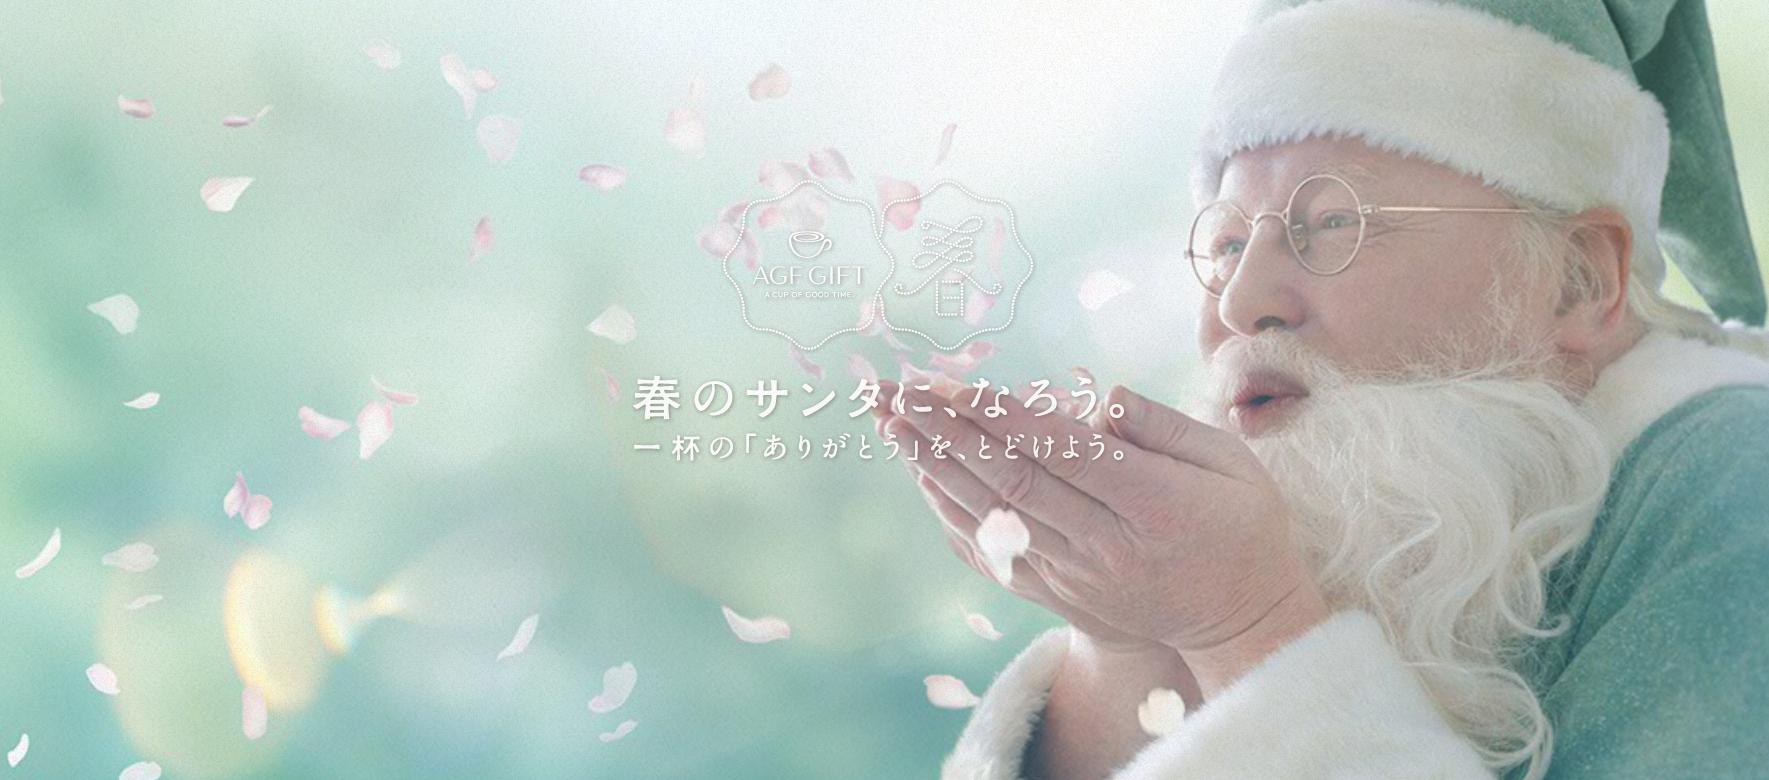 """La navidad llega a Japón en plena primavera con """"Santa Spring"""""""